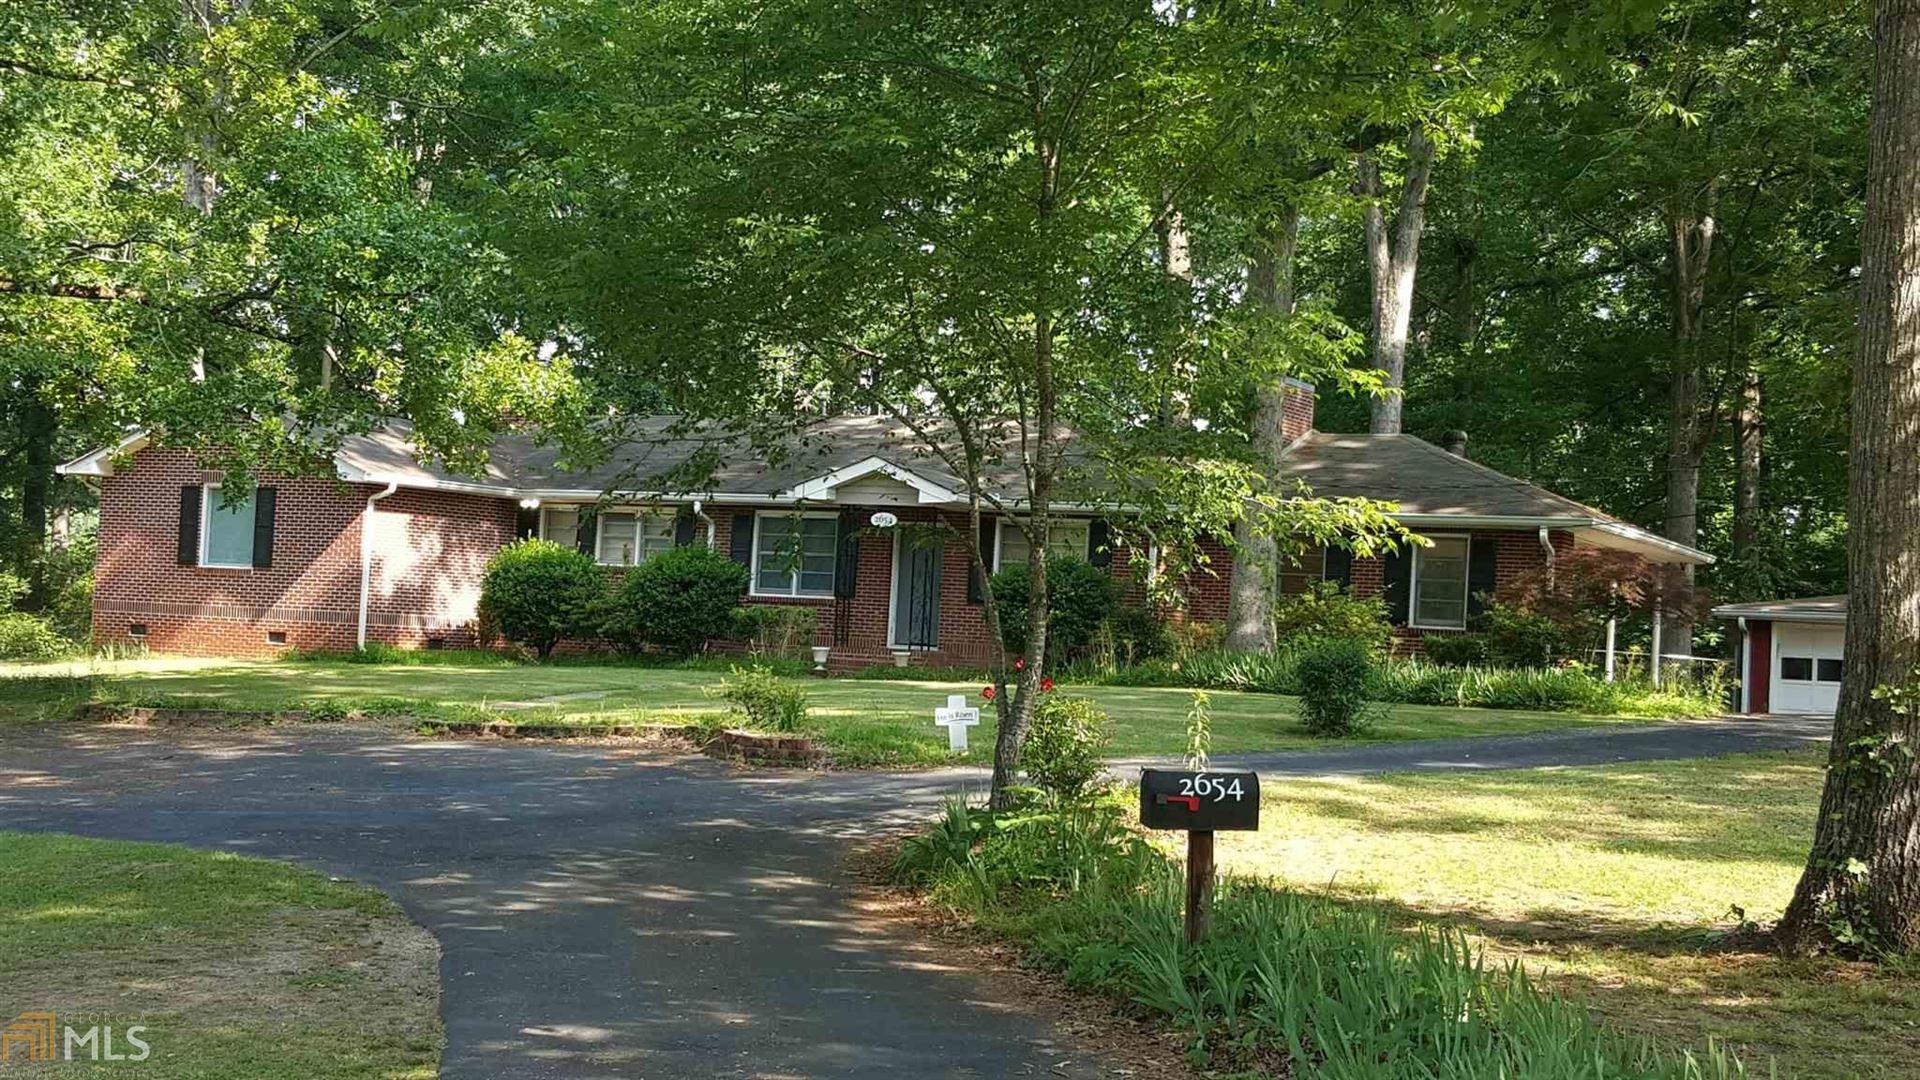 2654 Noahs Ark Rd, Jonesboro, GA 30236 - #: 8903387